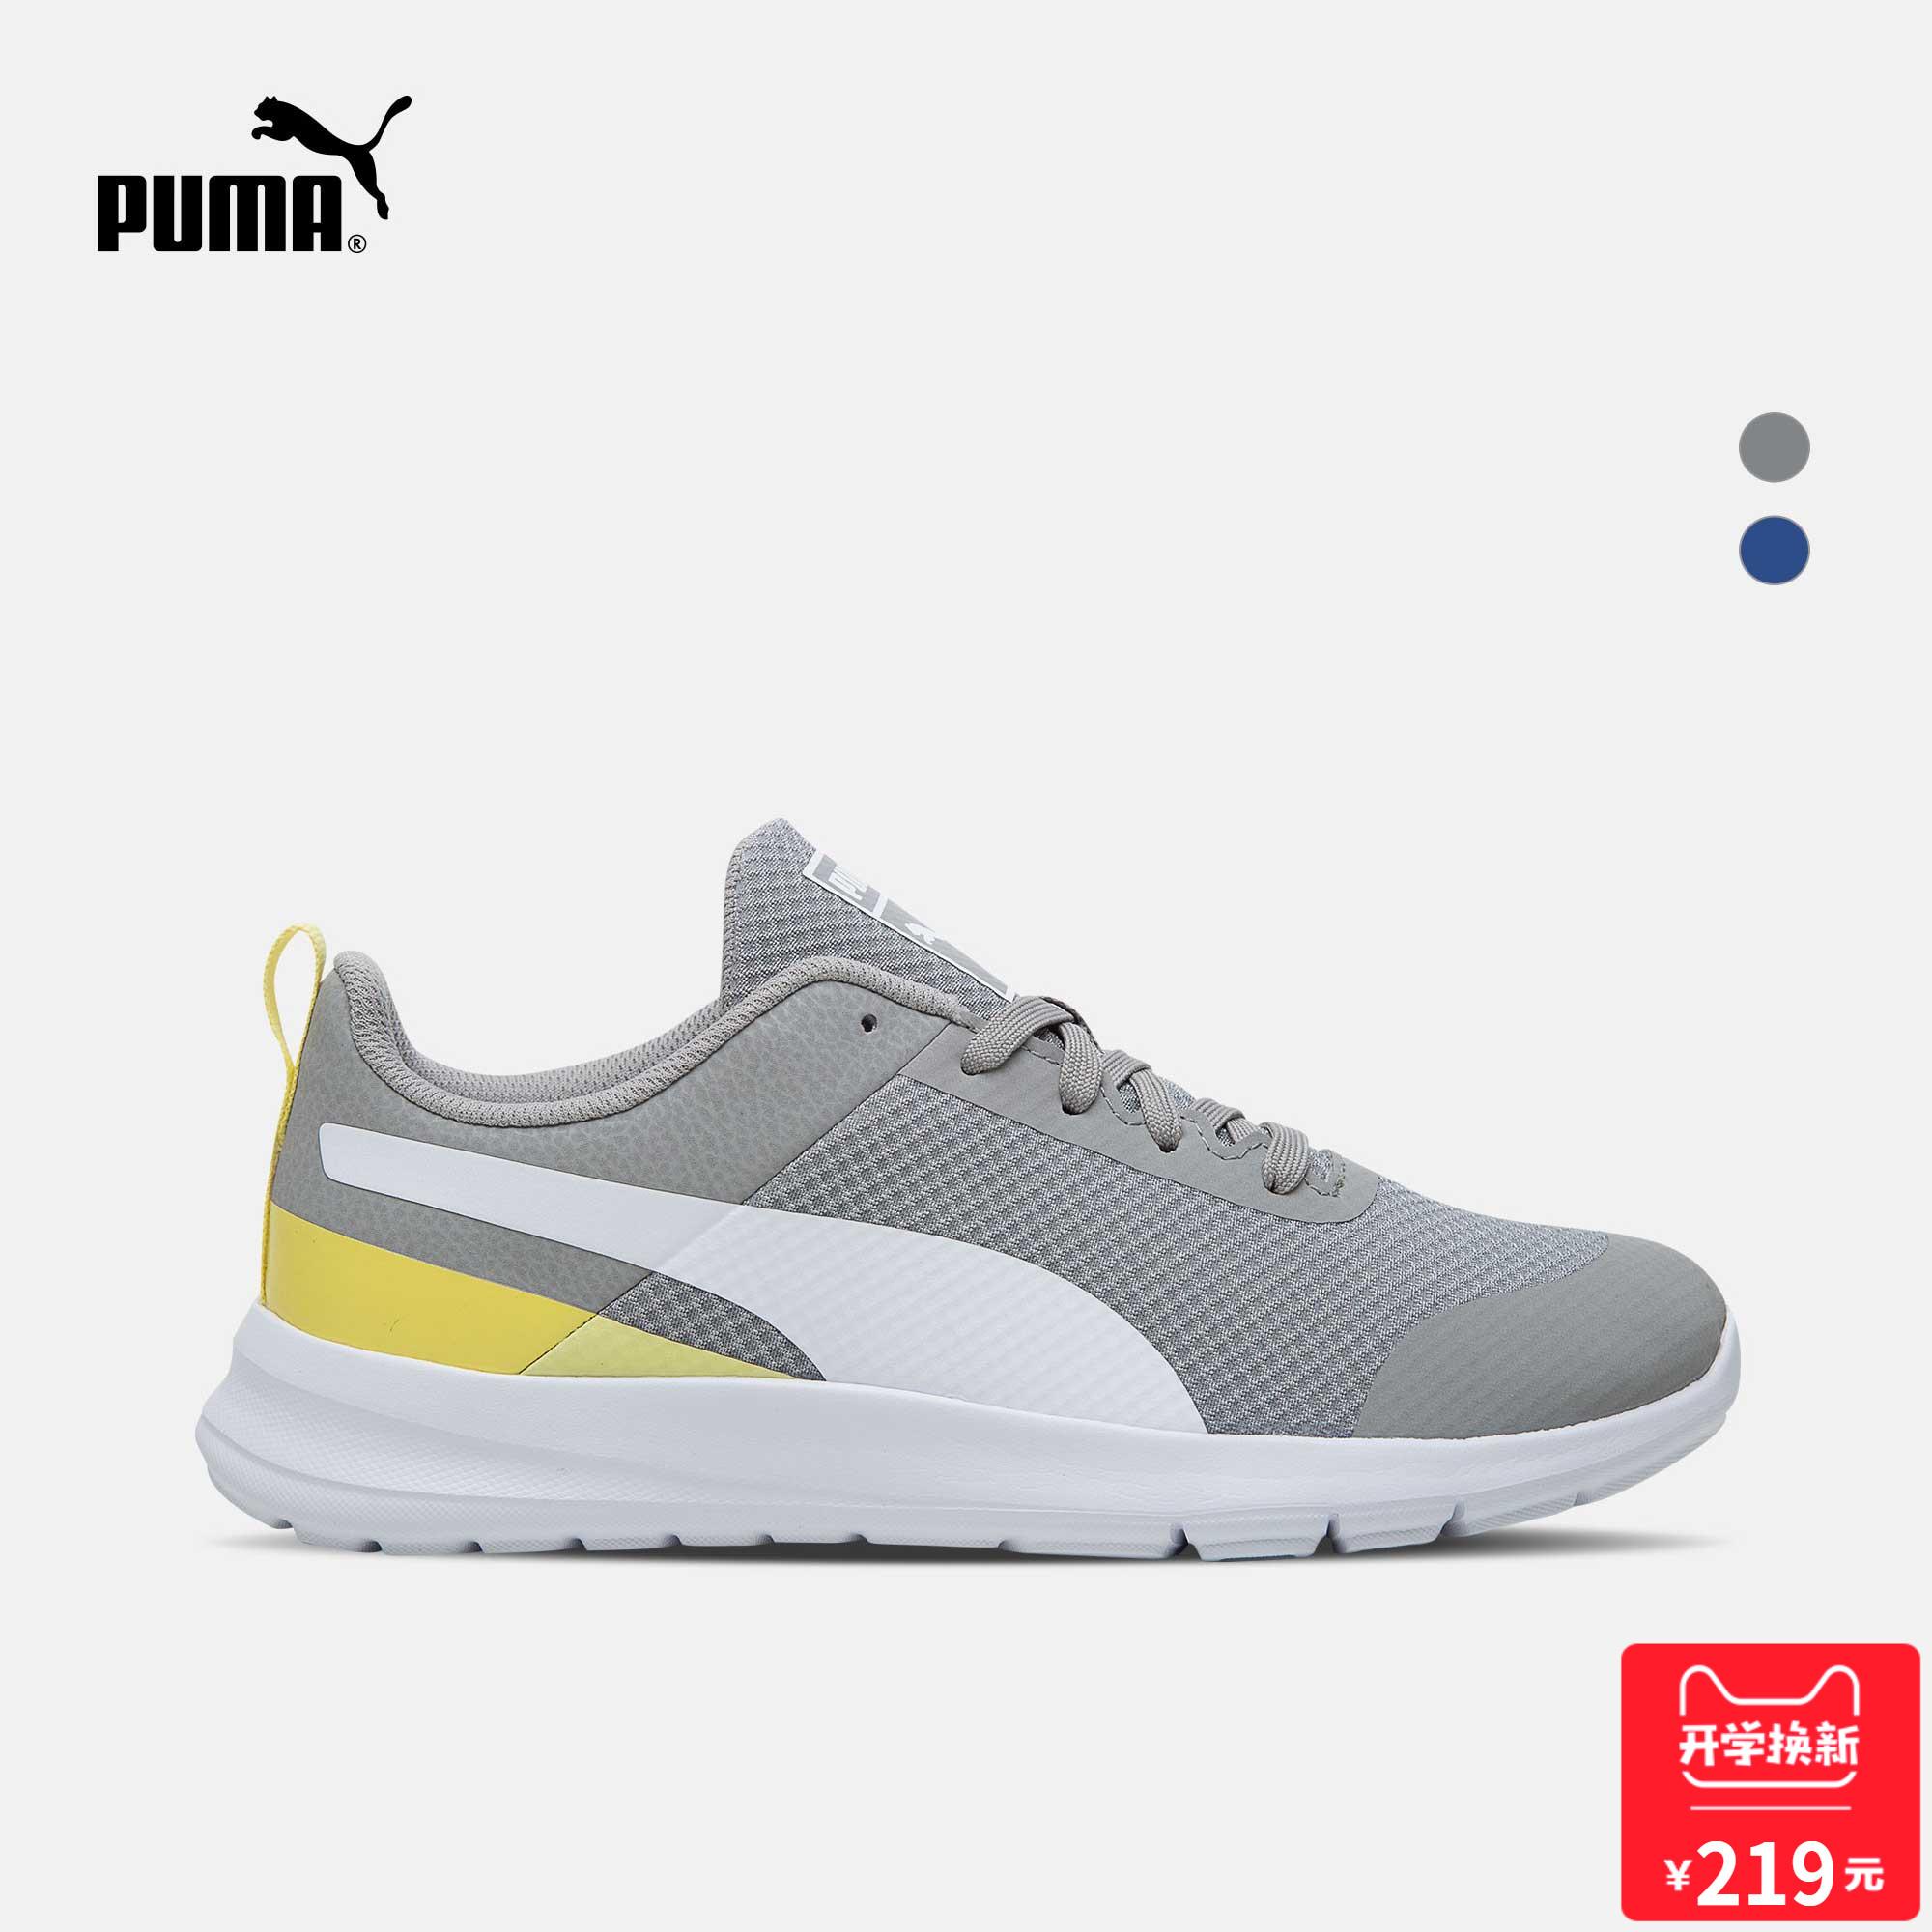 PUMA彪马官方 男女同款休闲鞋 Trax 361387219.0